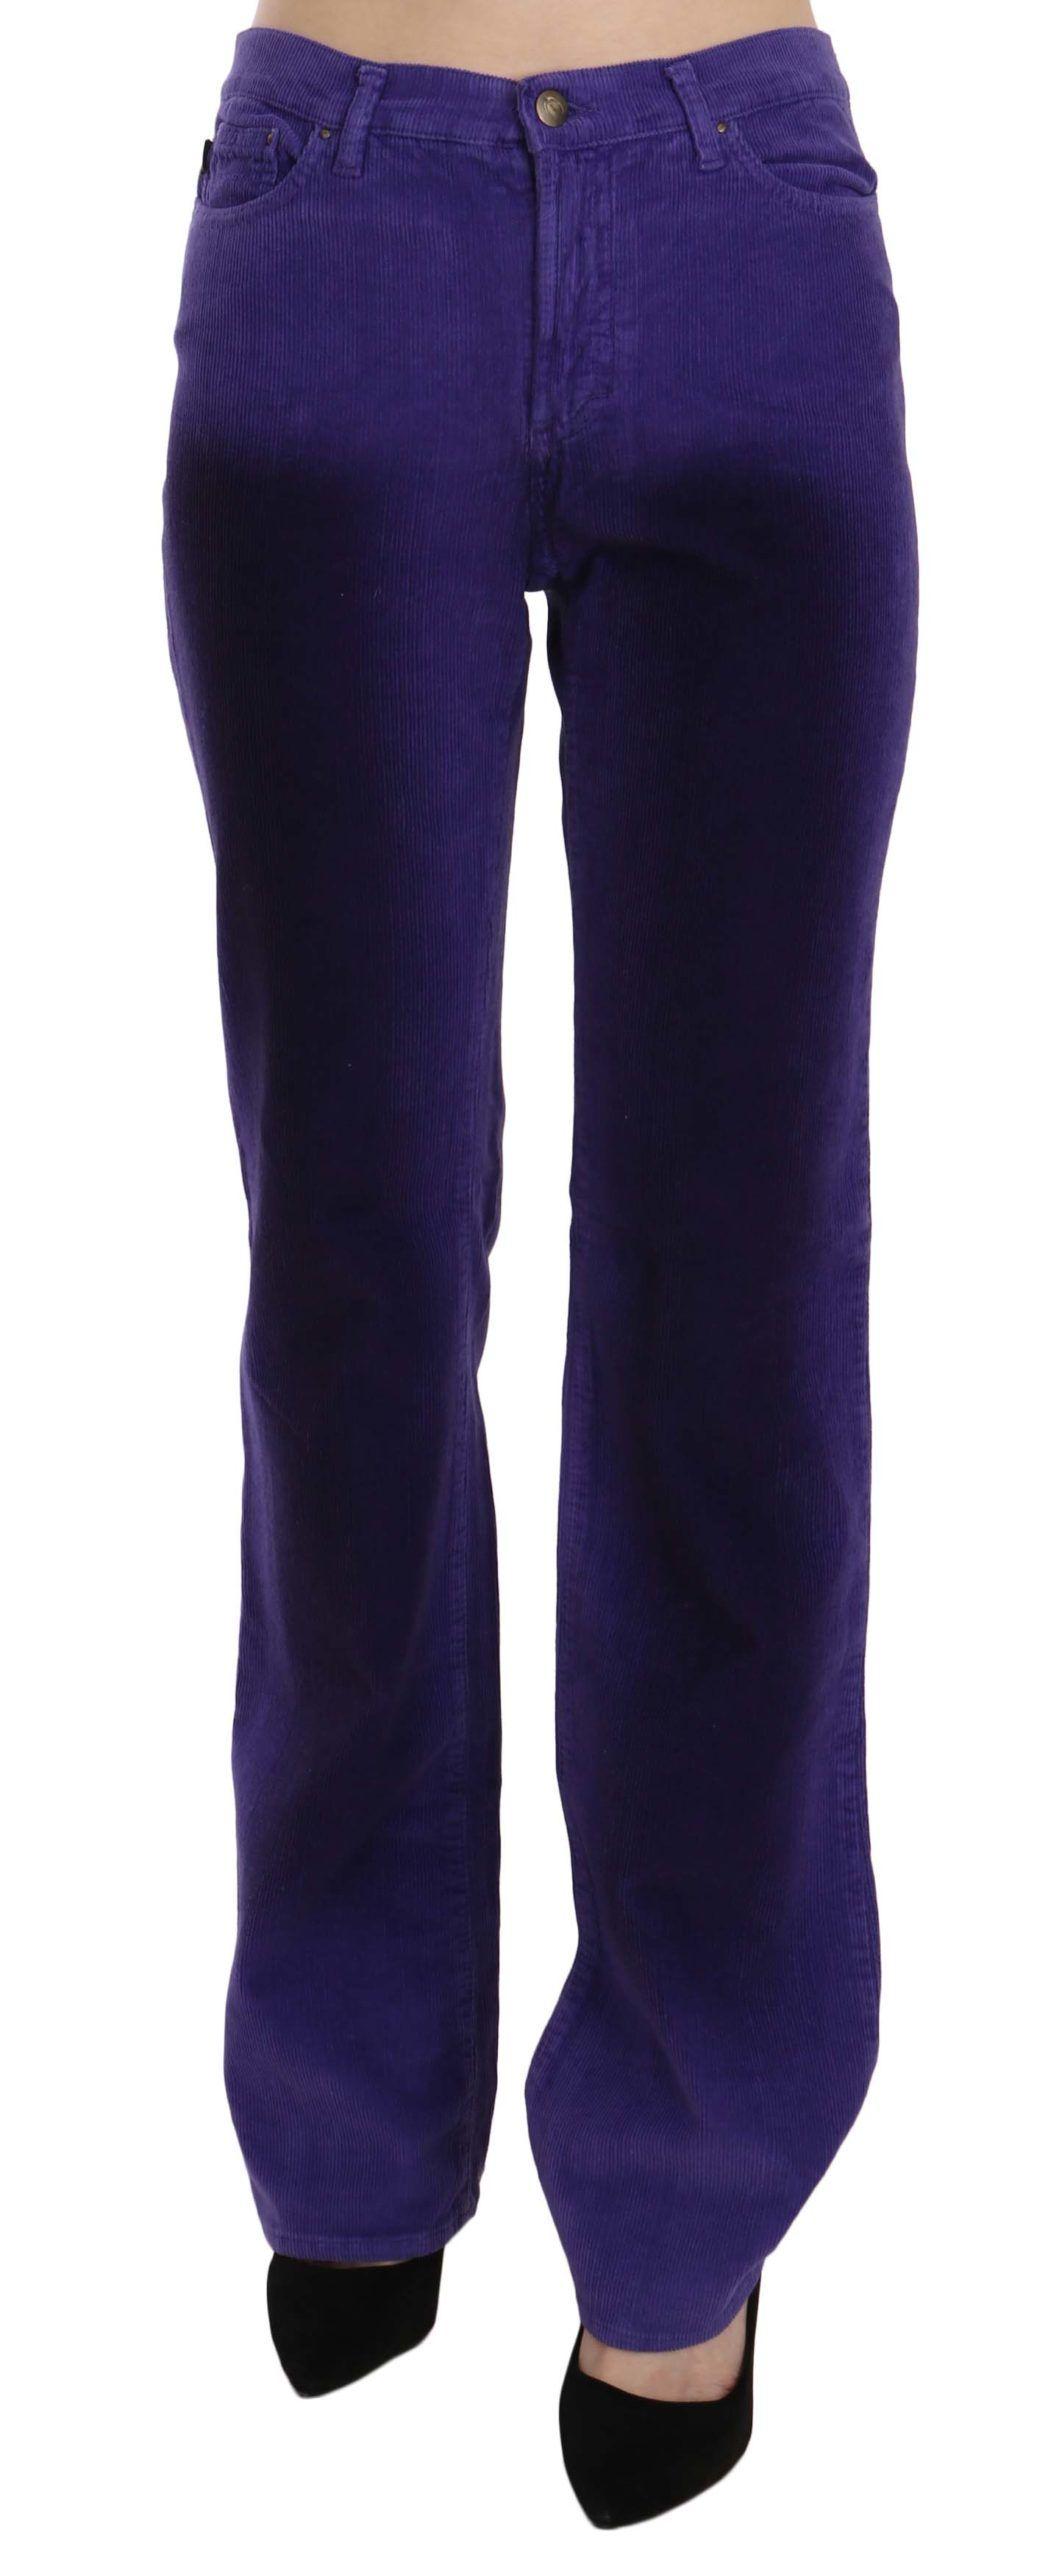 Just Cavalli Purple Corduroy Mid Waist Straight Denim Pants